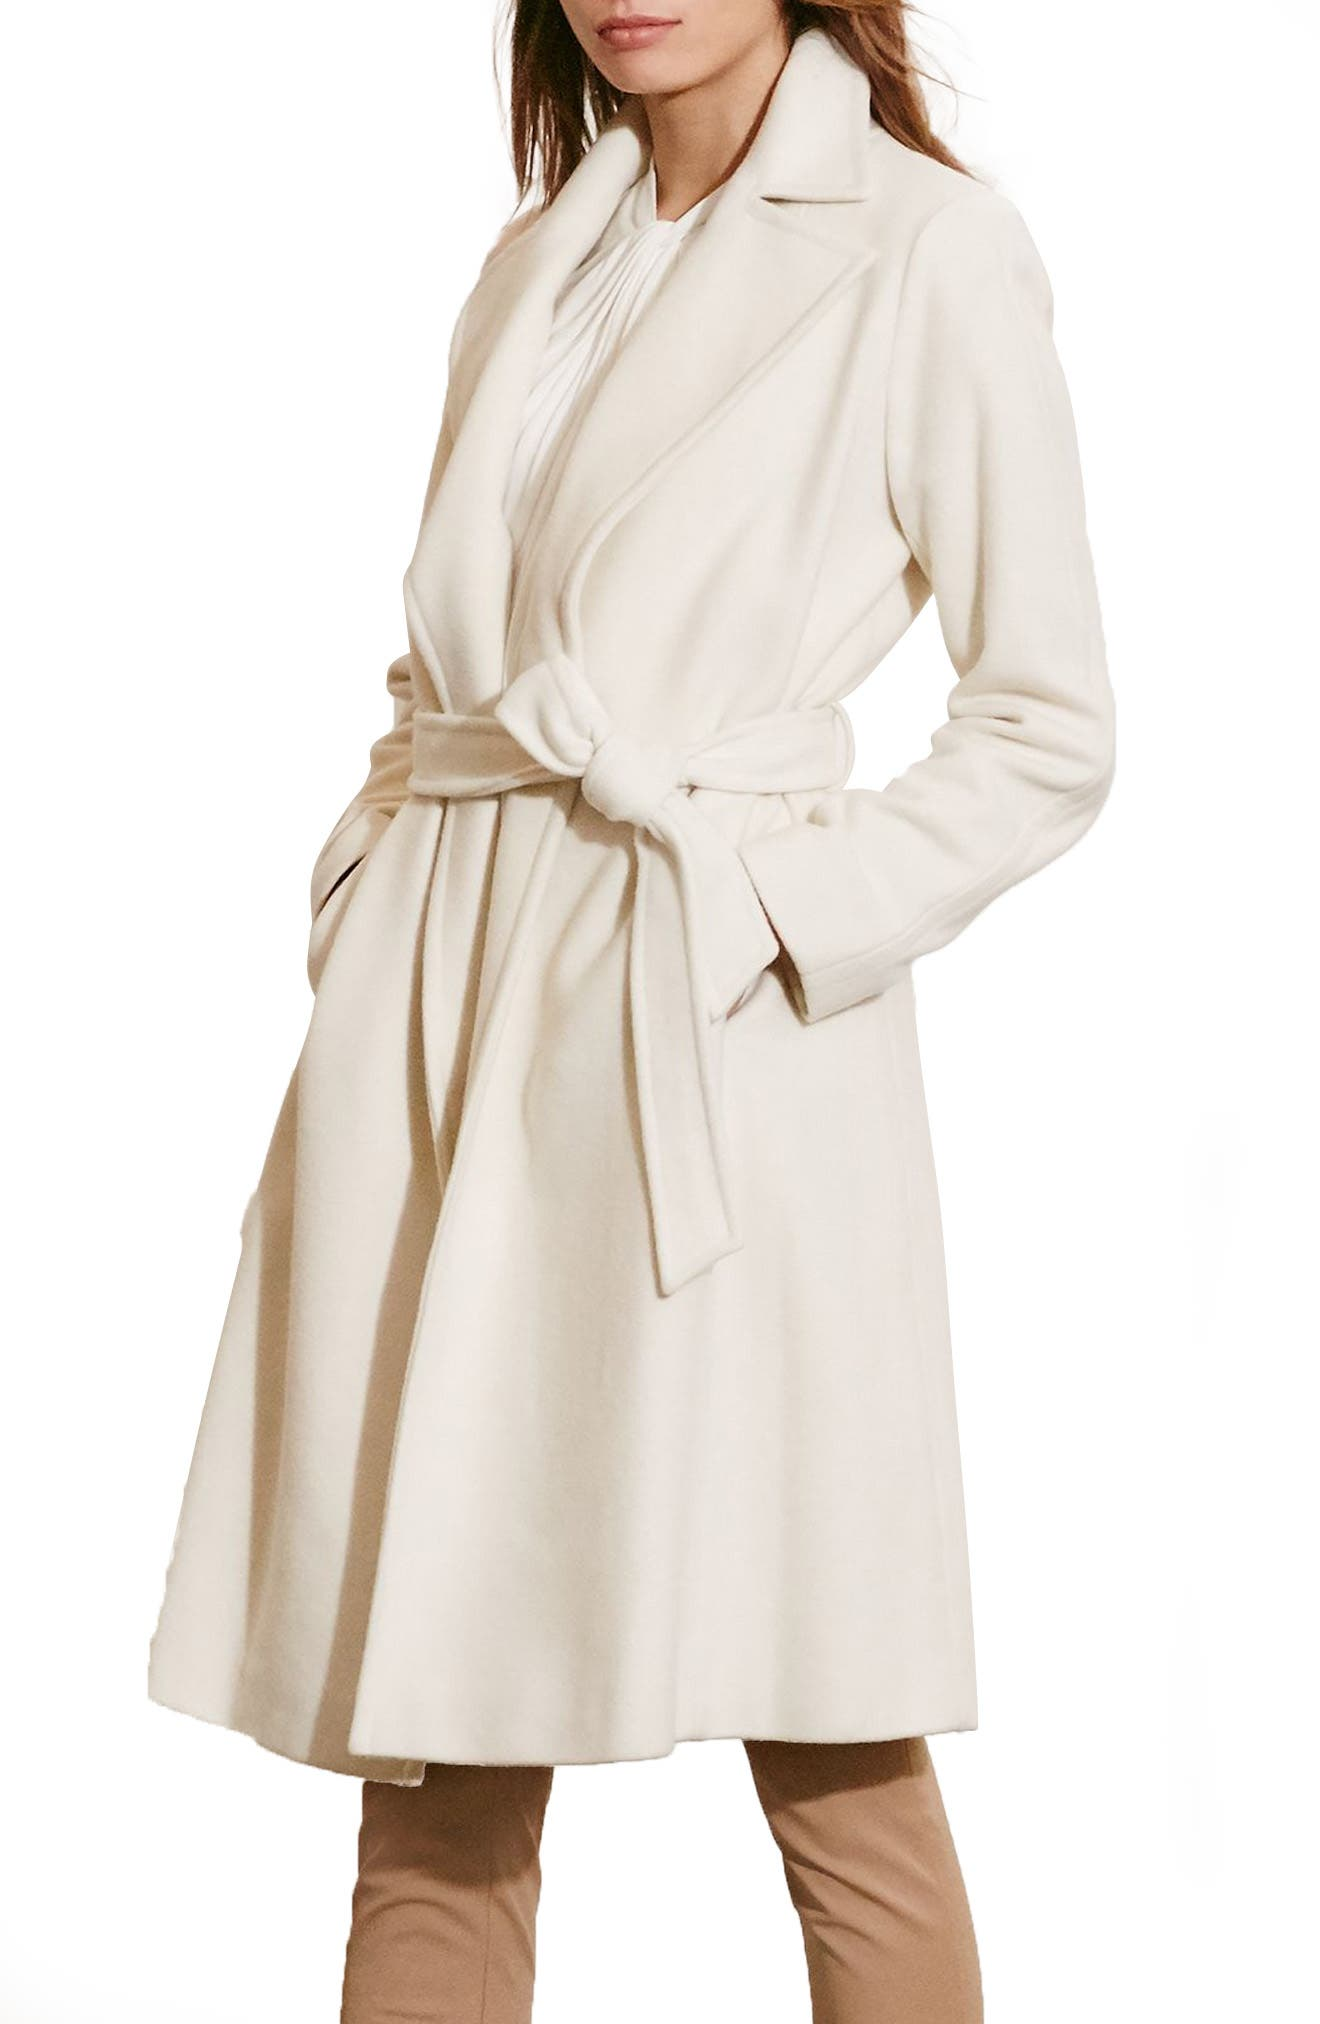 Alternate Image 1 Selected - Lauren Ralph Lauren Wool Blend Wrap Coat (Regular & Petite) (Online Only)